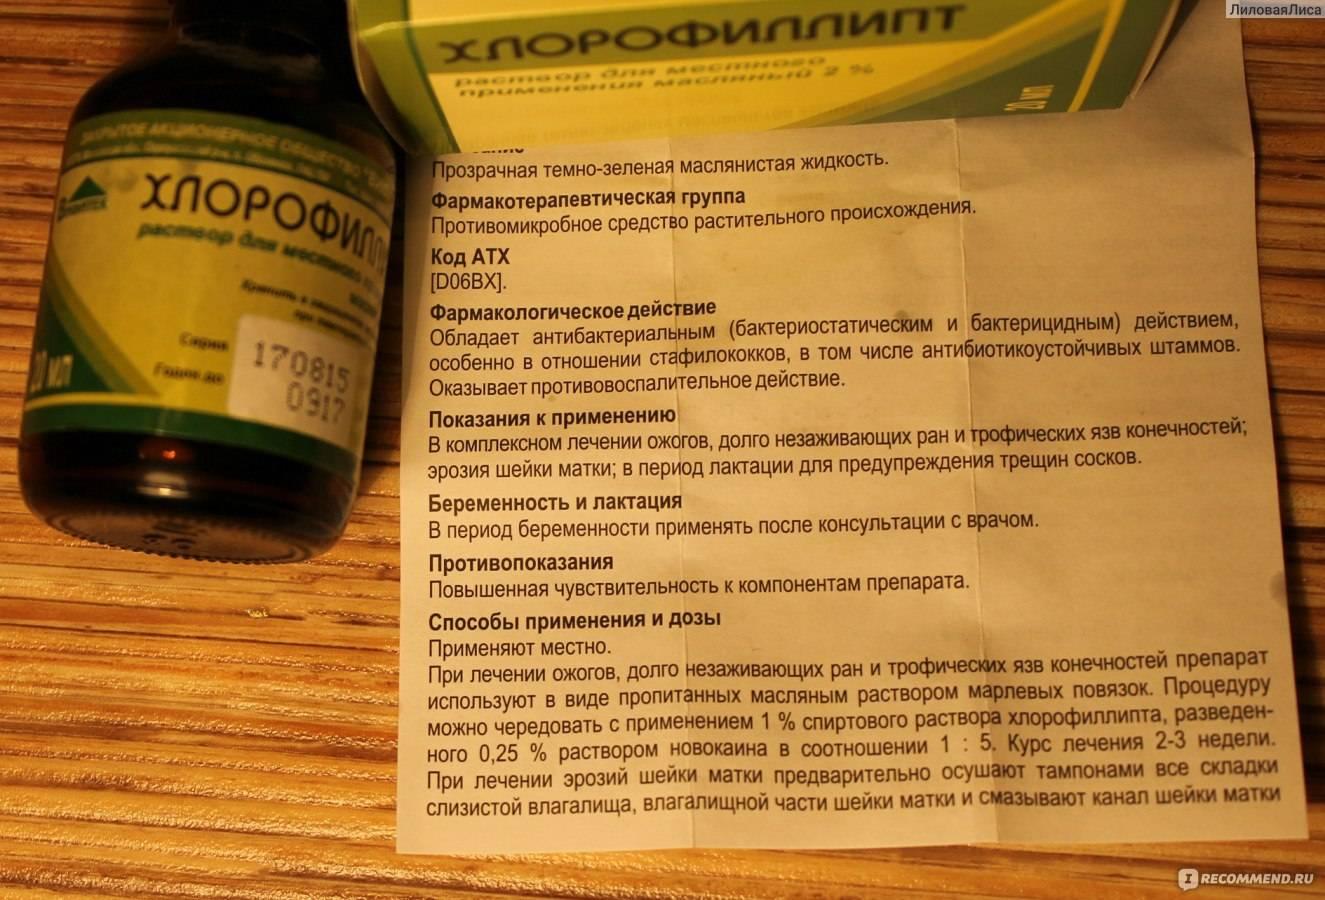 Хлорофиллипт масляный: инструкция по применению раствора